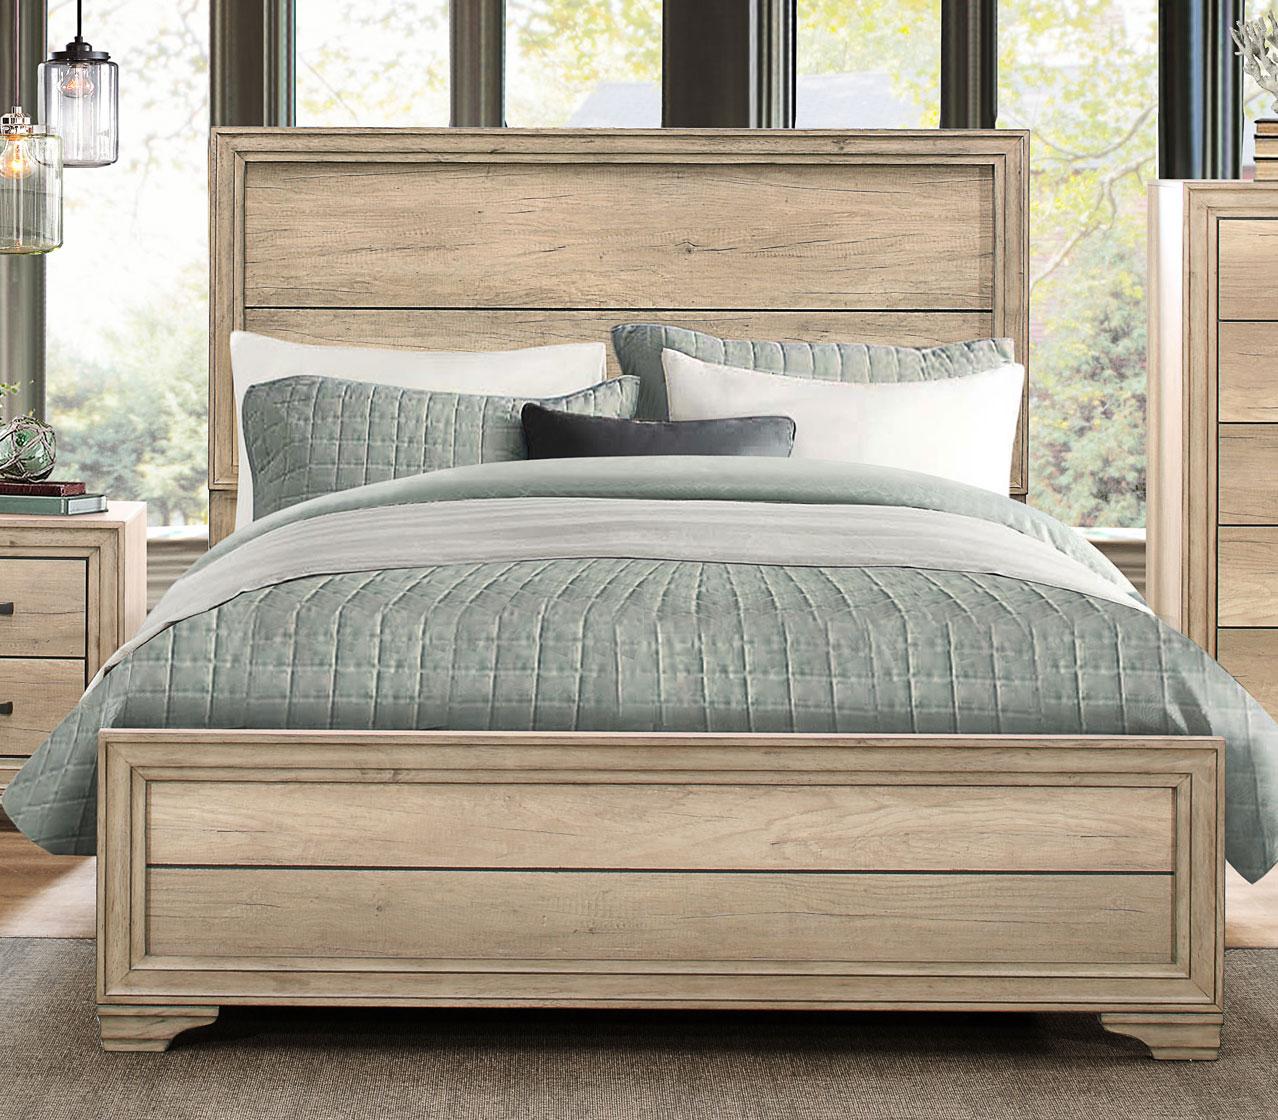 Homelegance Lonan Bed - Weathered